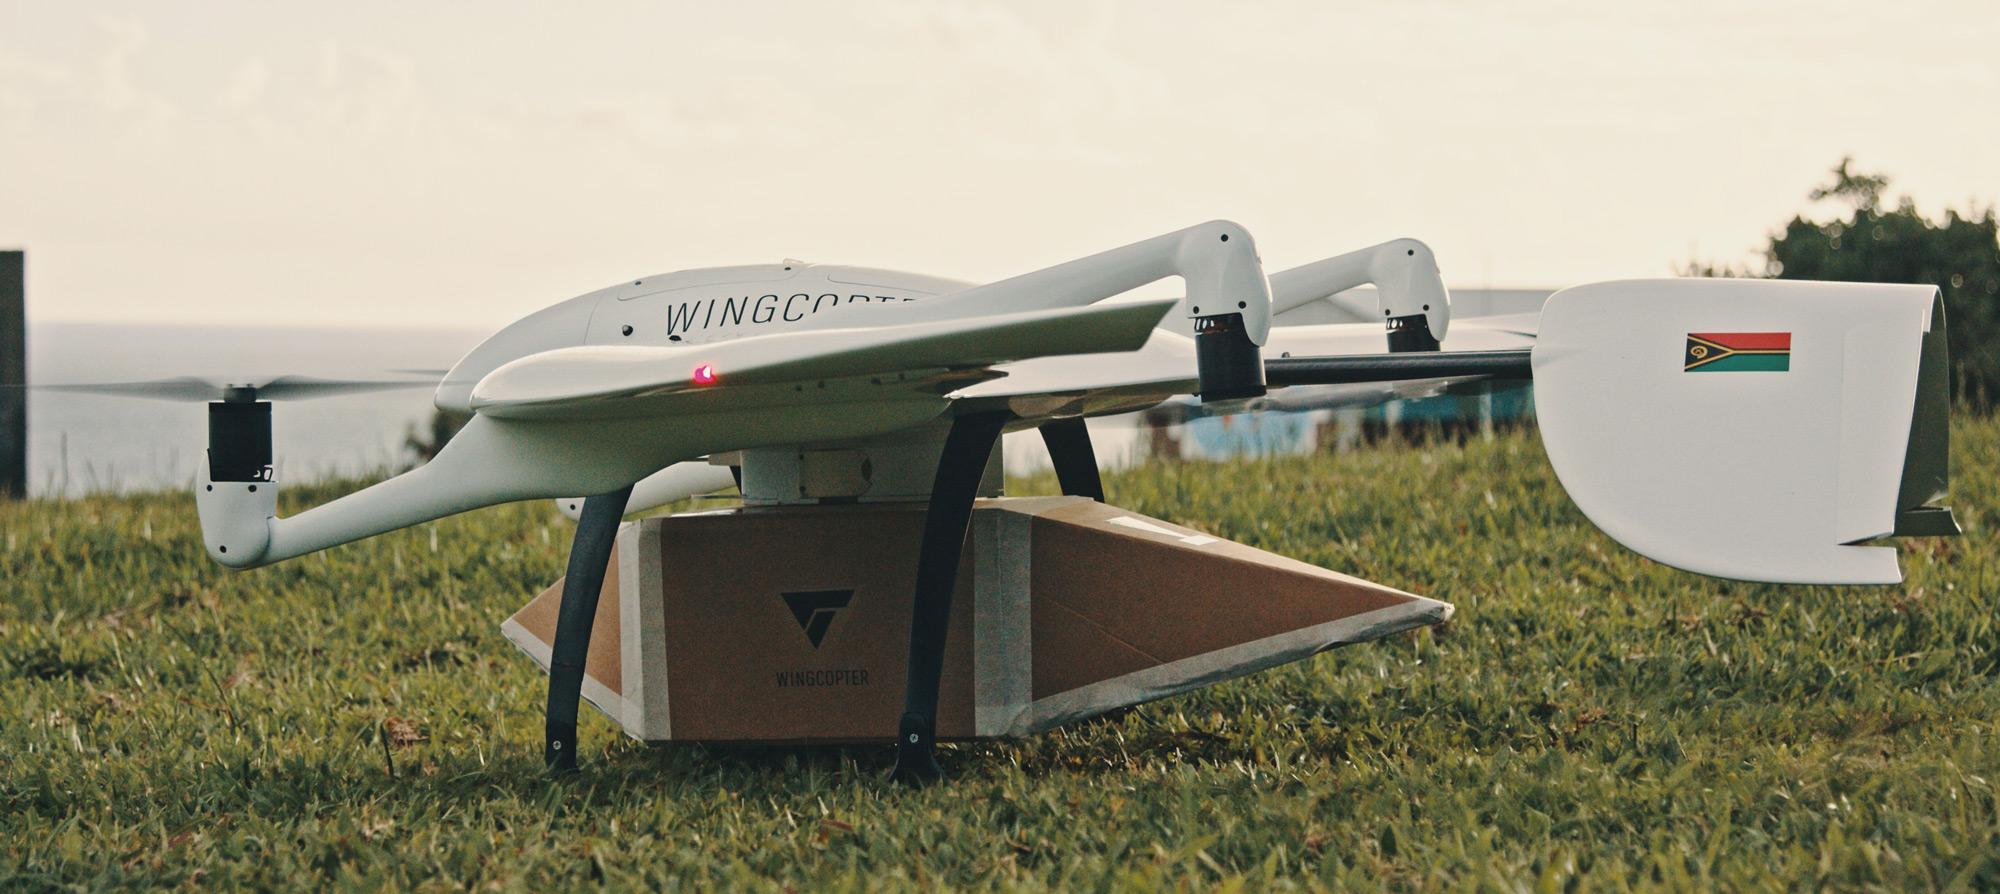 Wingcopter-in-Vanuatu-11